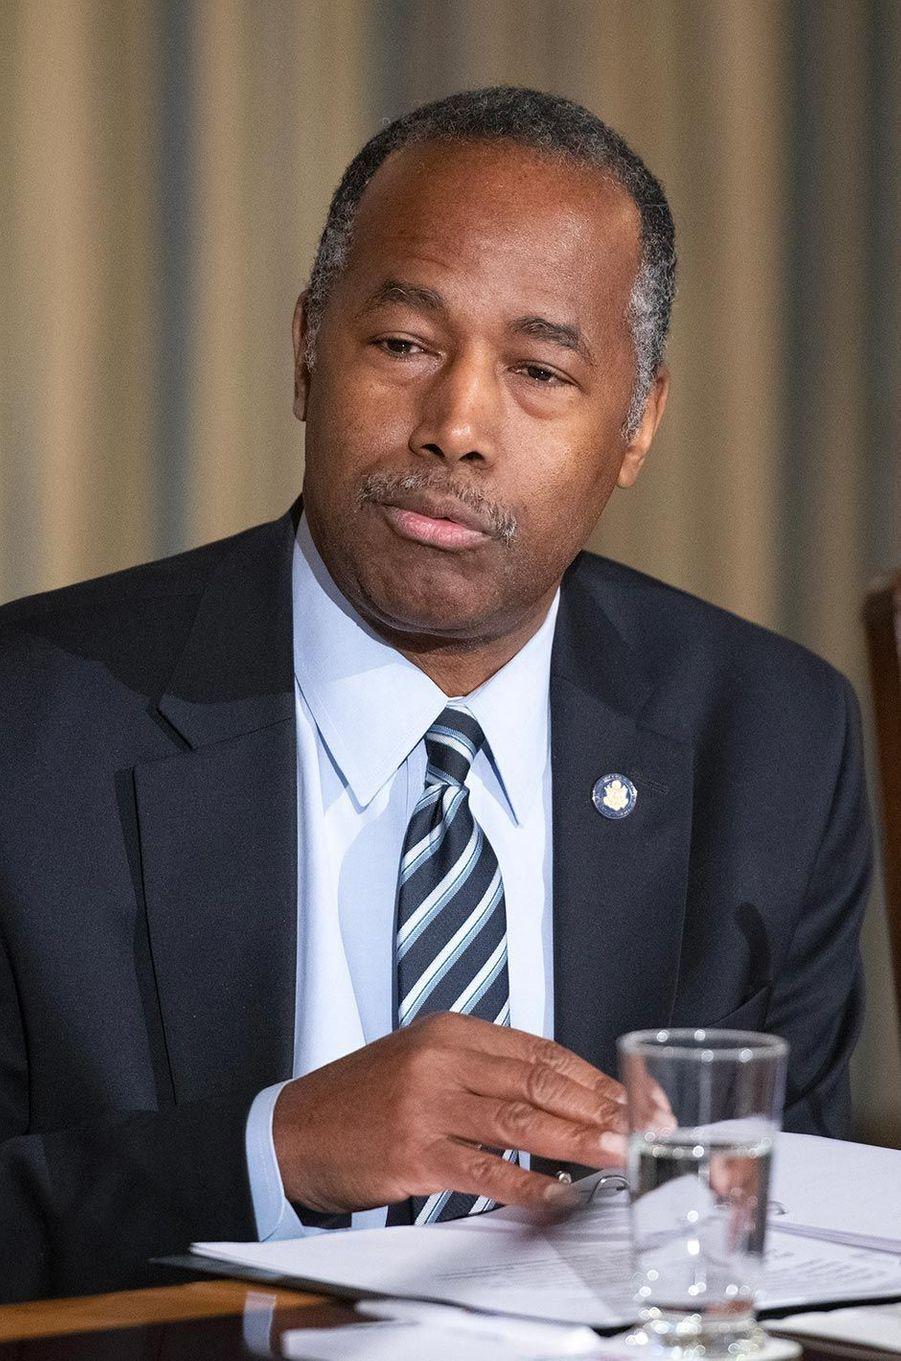 Ben Carson à la Maison-Blanche, le 18 mars 2019.